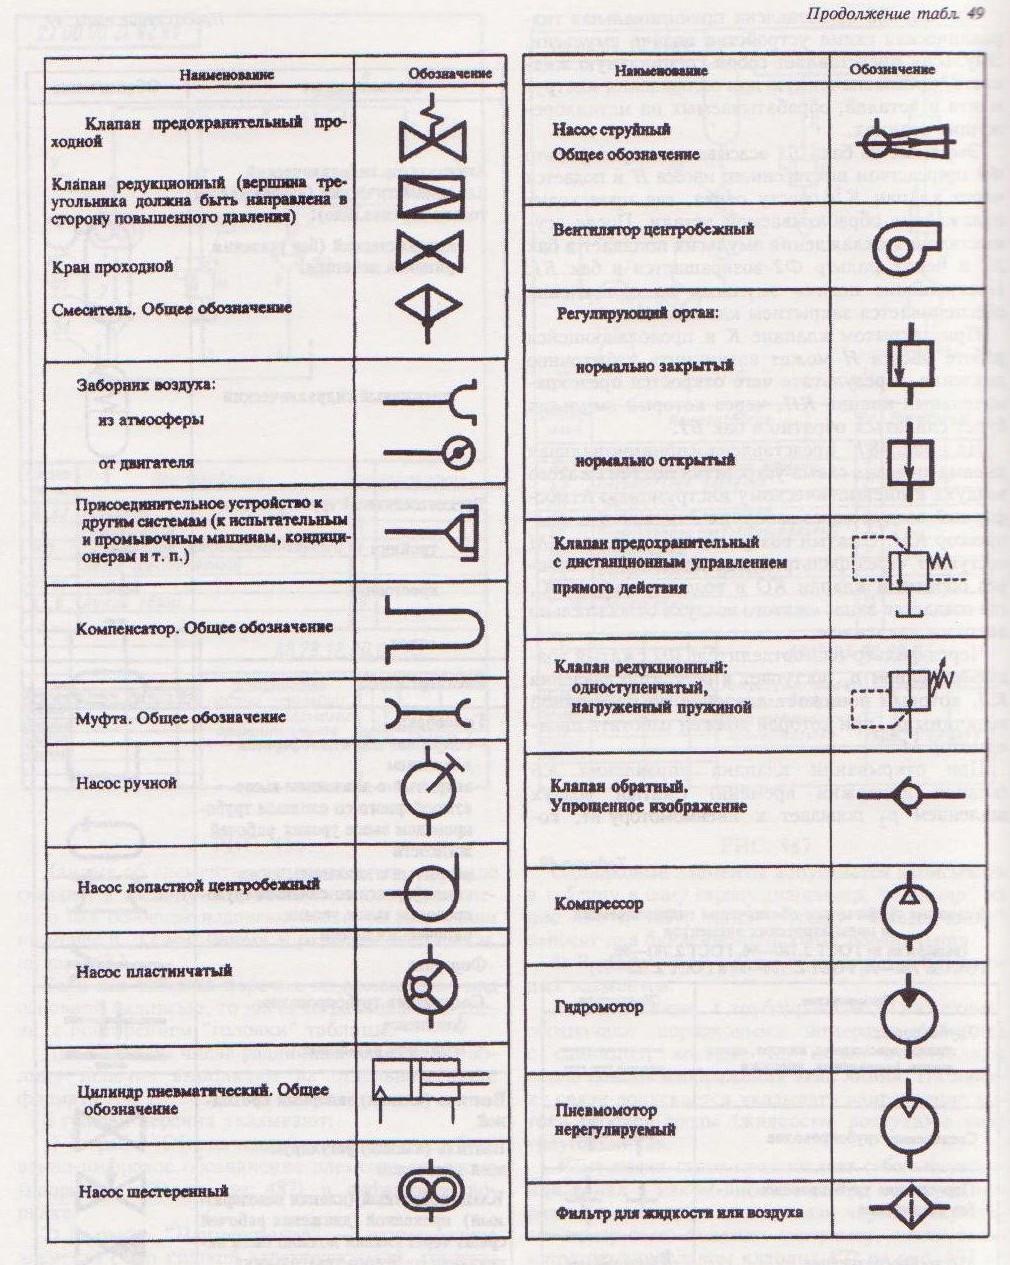 Как обозначается обратный клапан на гидравлической схеме